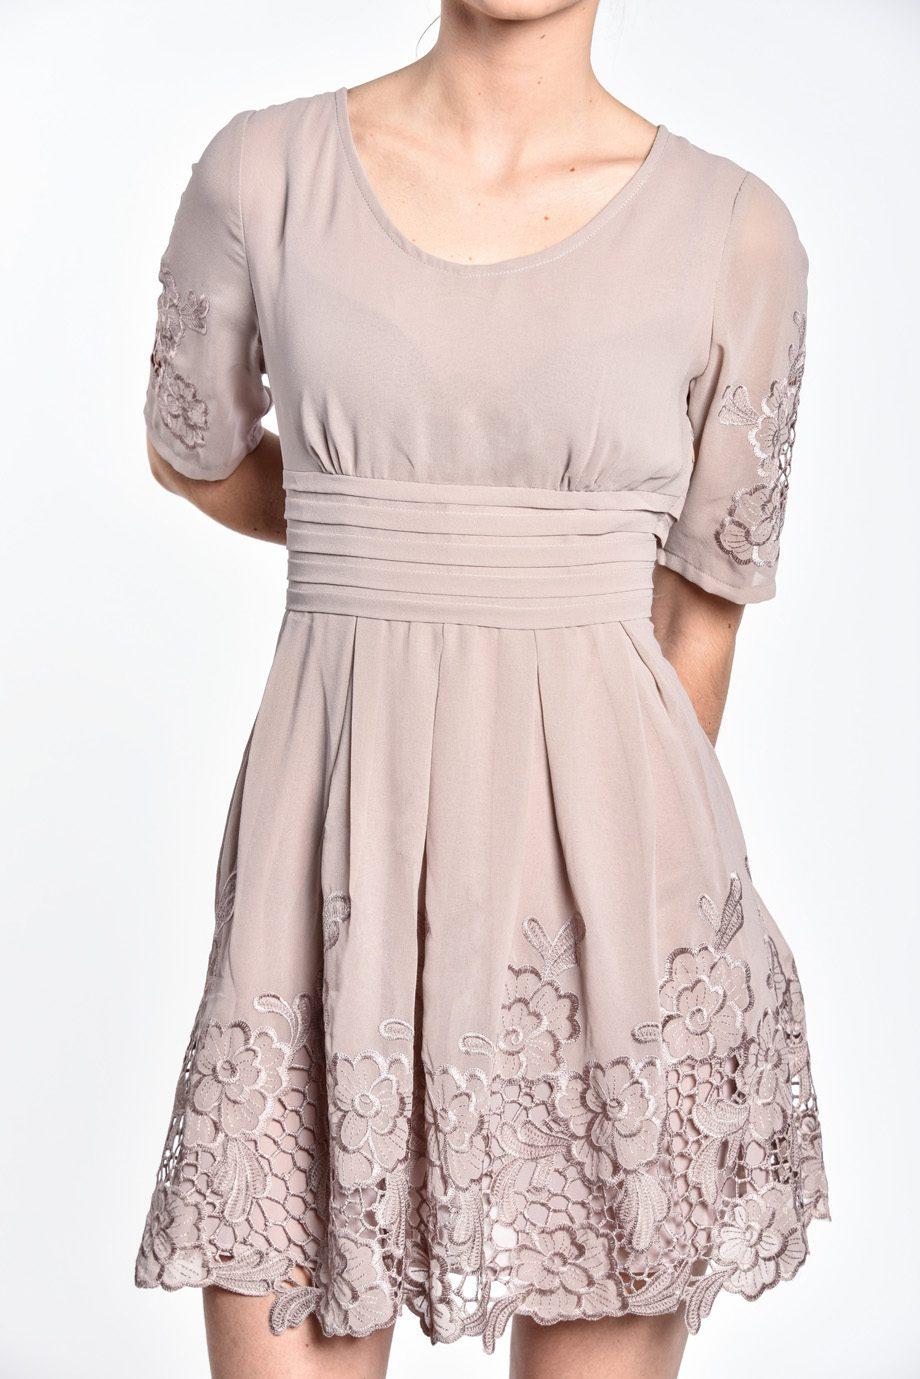 obrázok 3 Chicwish sivé šaty s rukávom